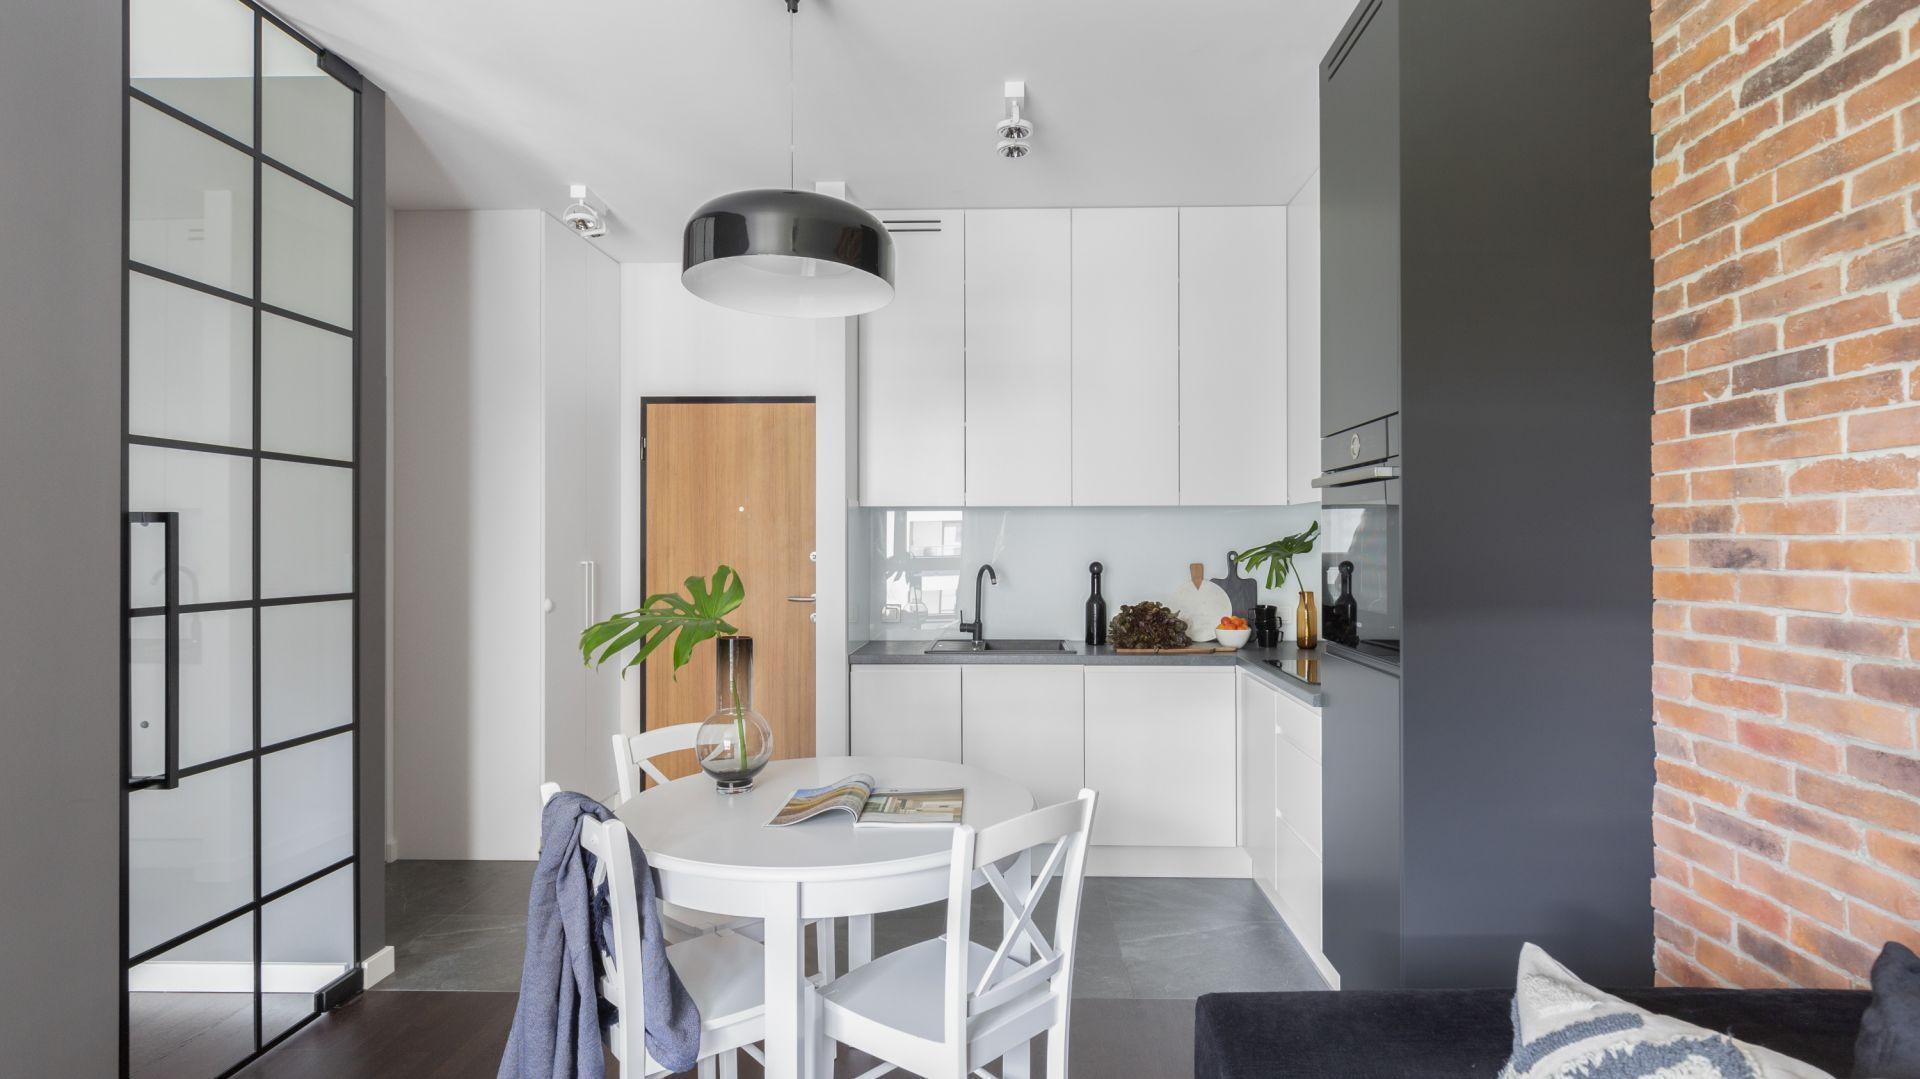 Mała kuchnia w białym kolorze połączona z salonem. Projekt: Emilia Rusińska, Decoroom